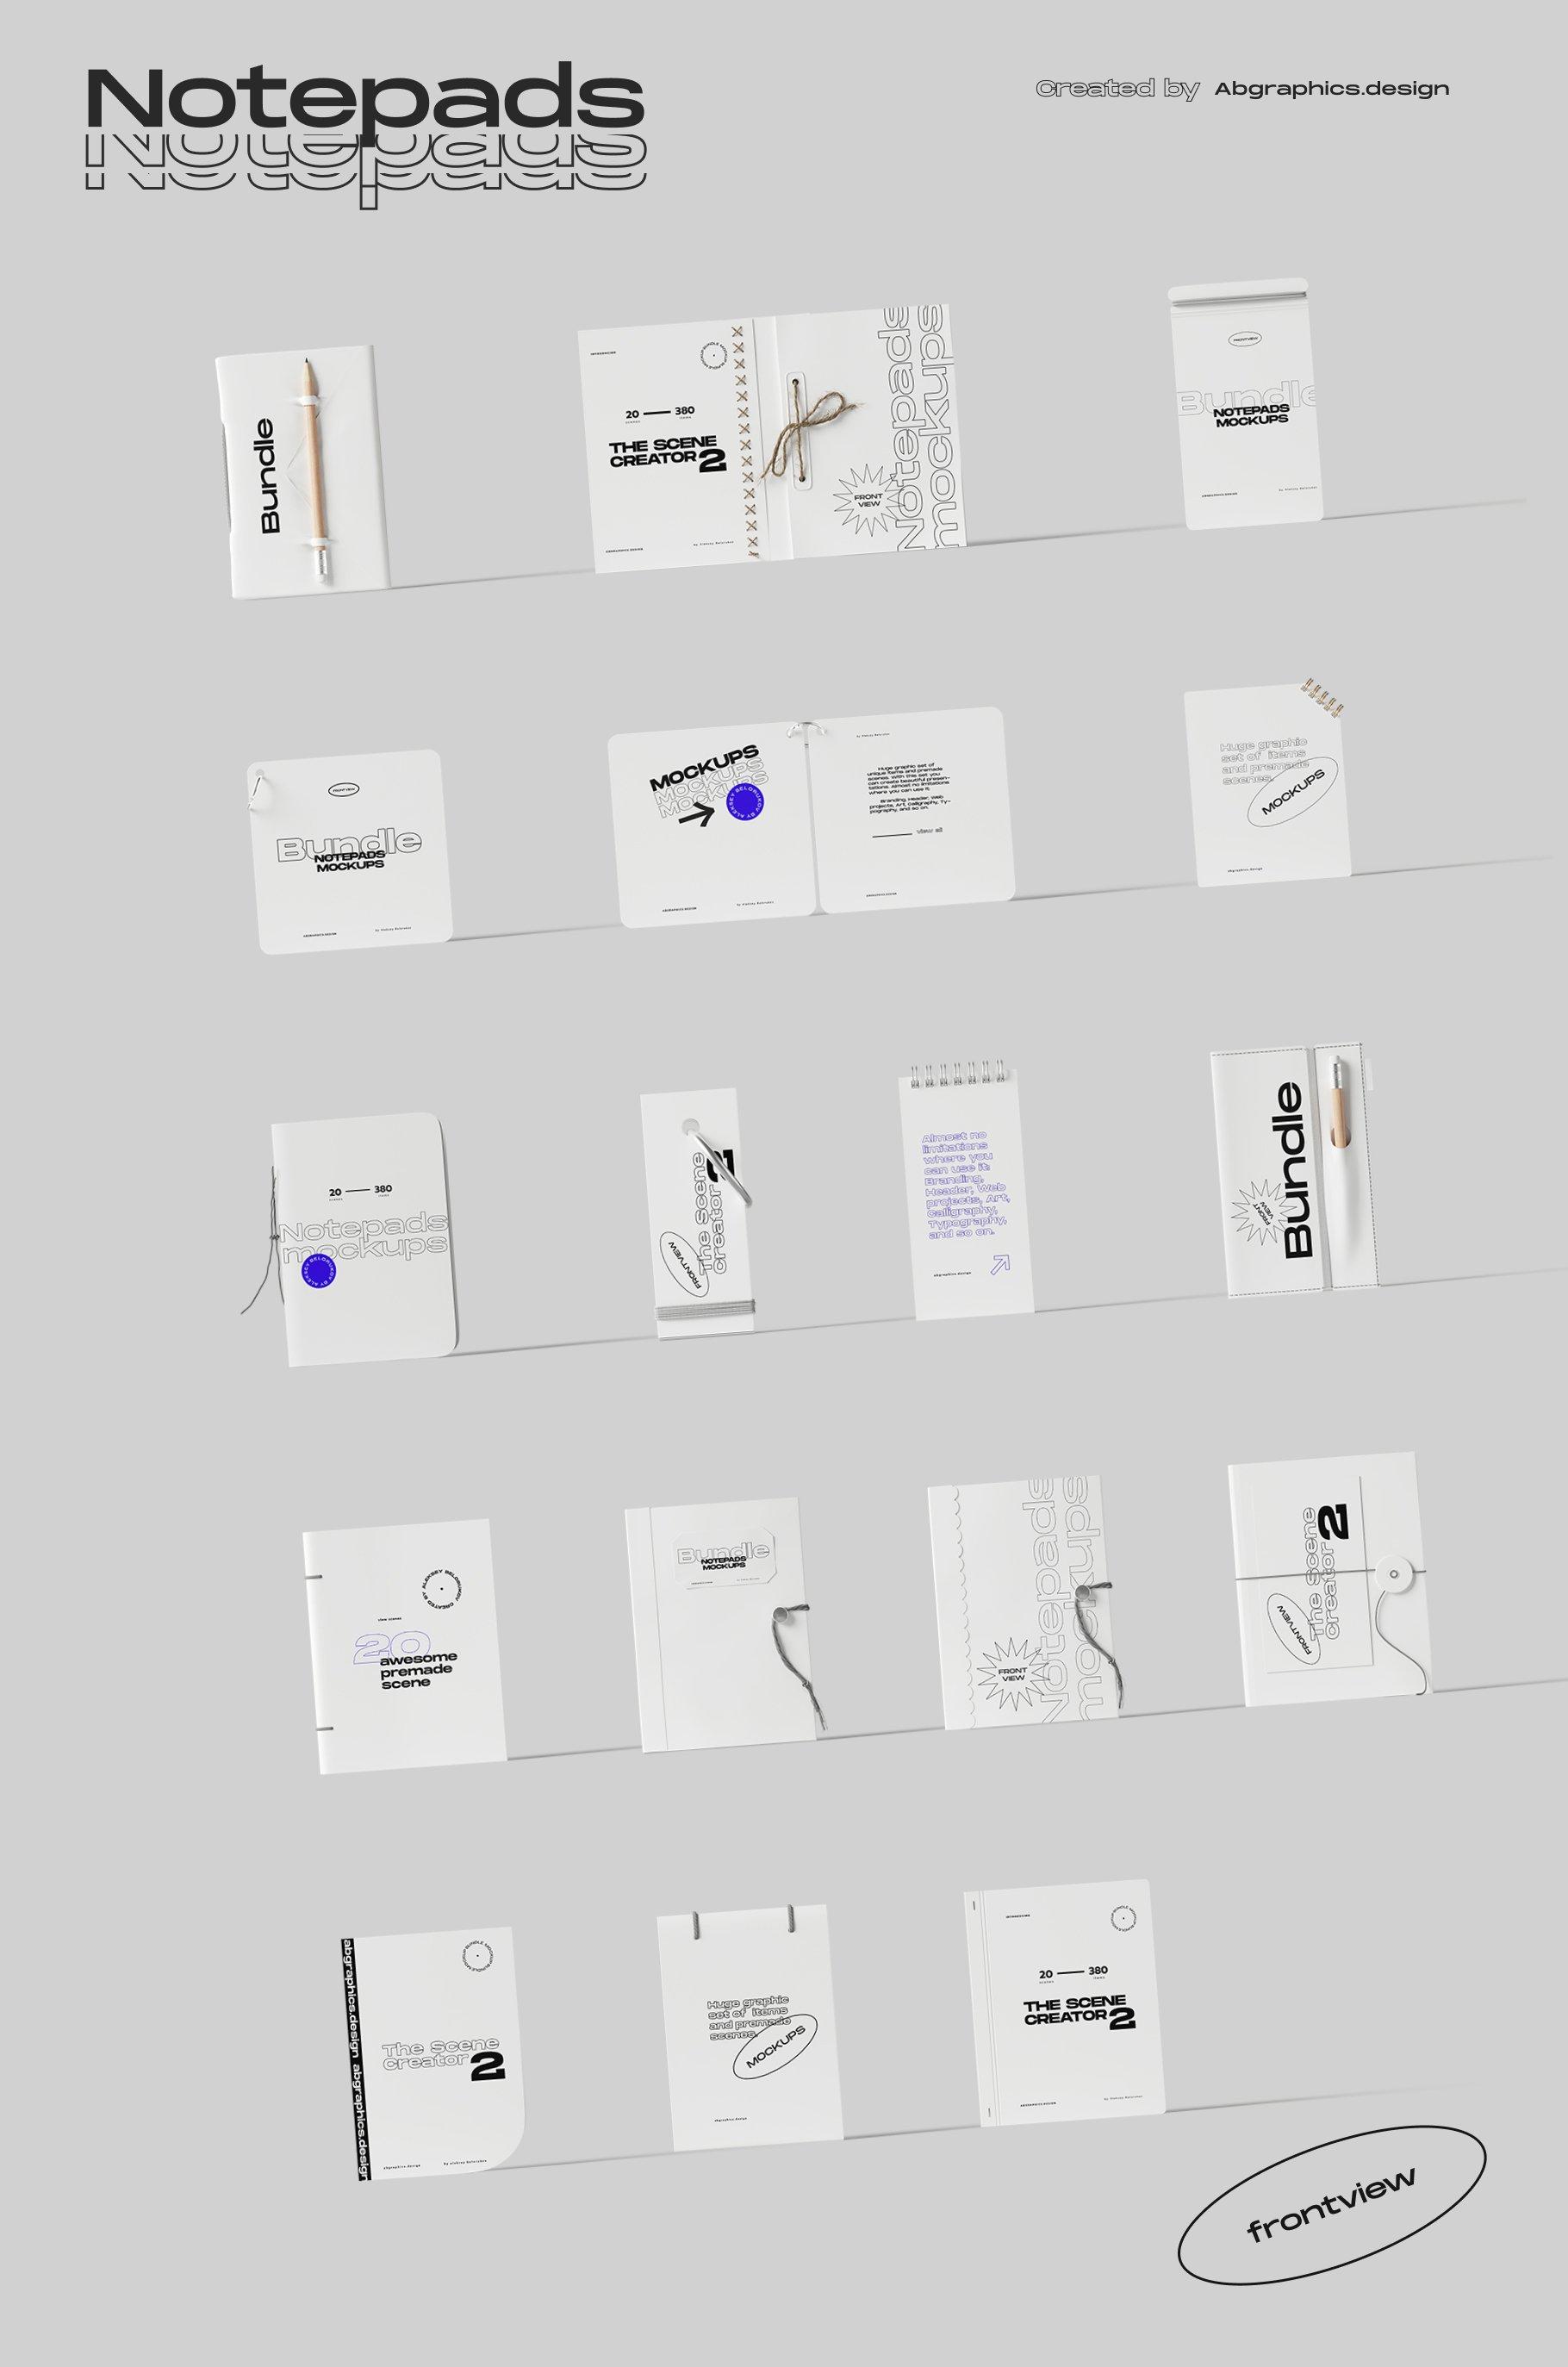 [淘宝购买] 超大品牌VI包装设计PS智能贴图样机模板素材 The Scene Creator 2 / Frontview插图(20)